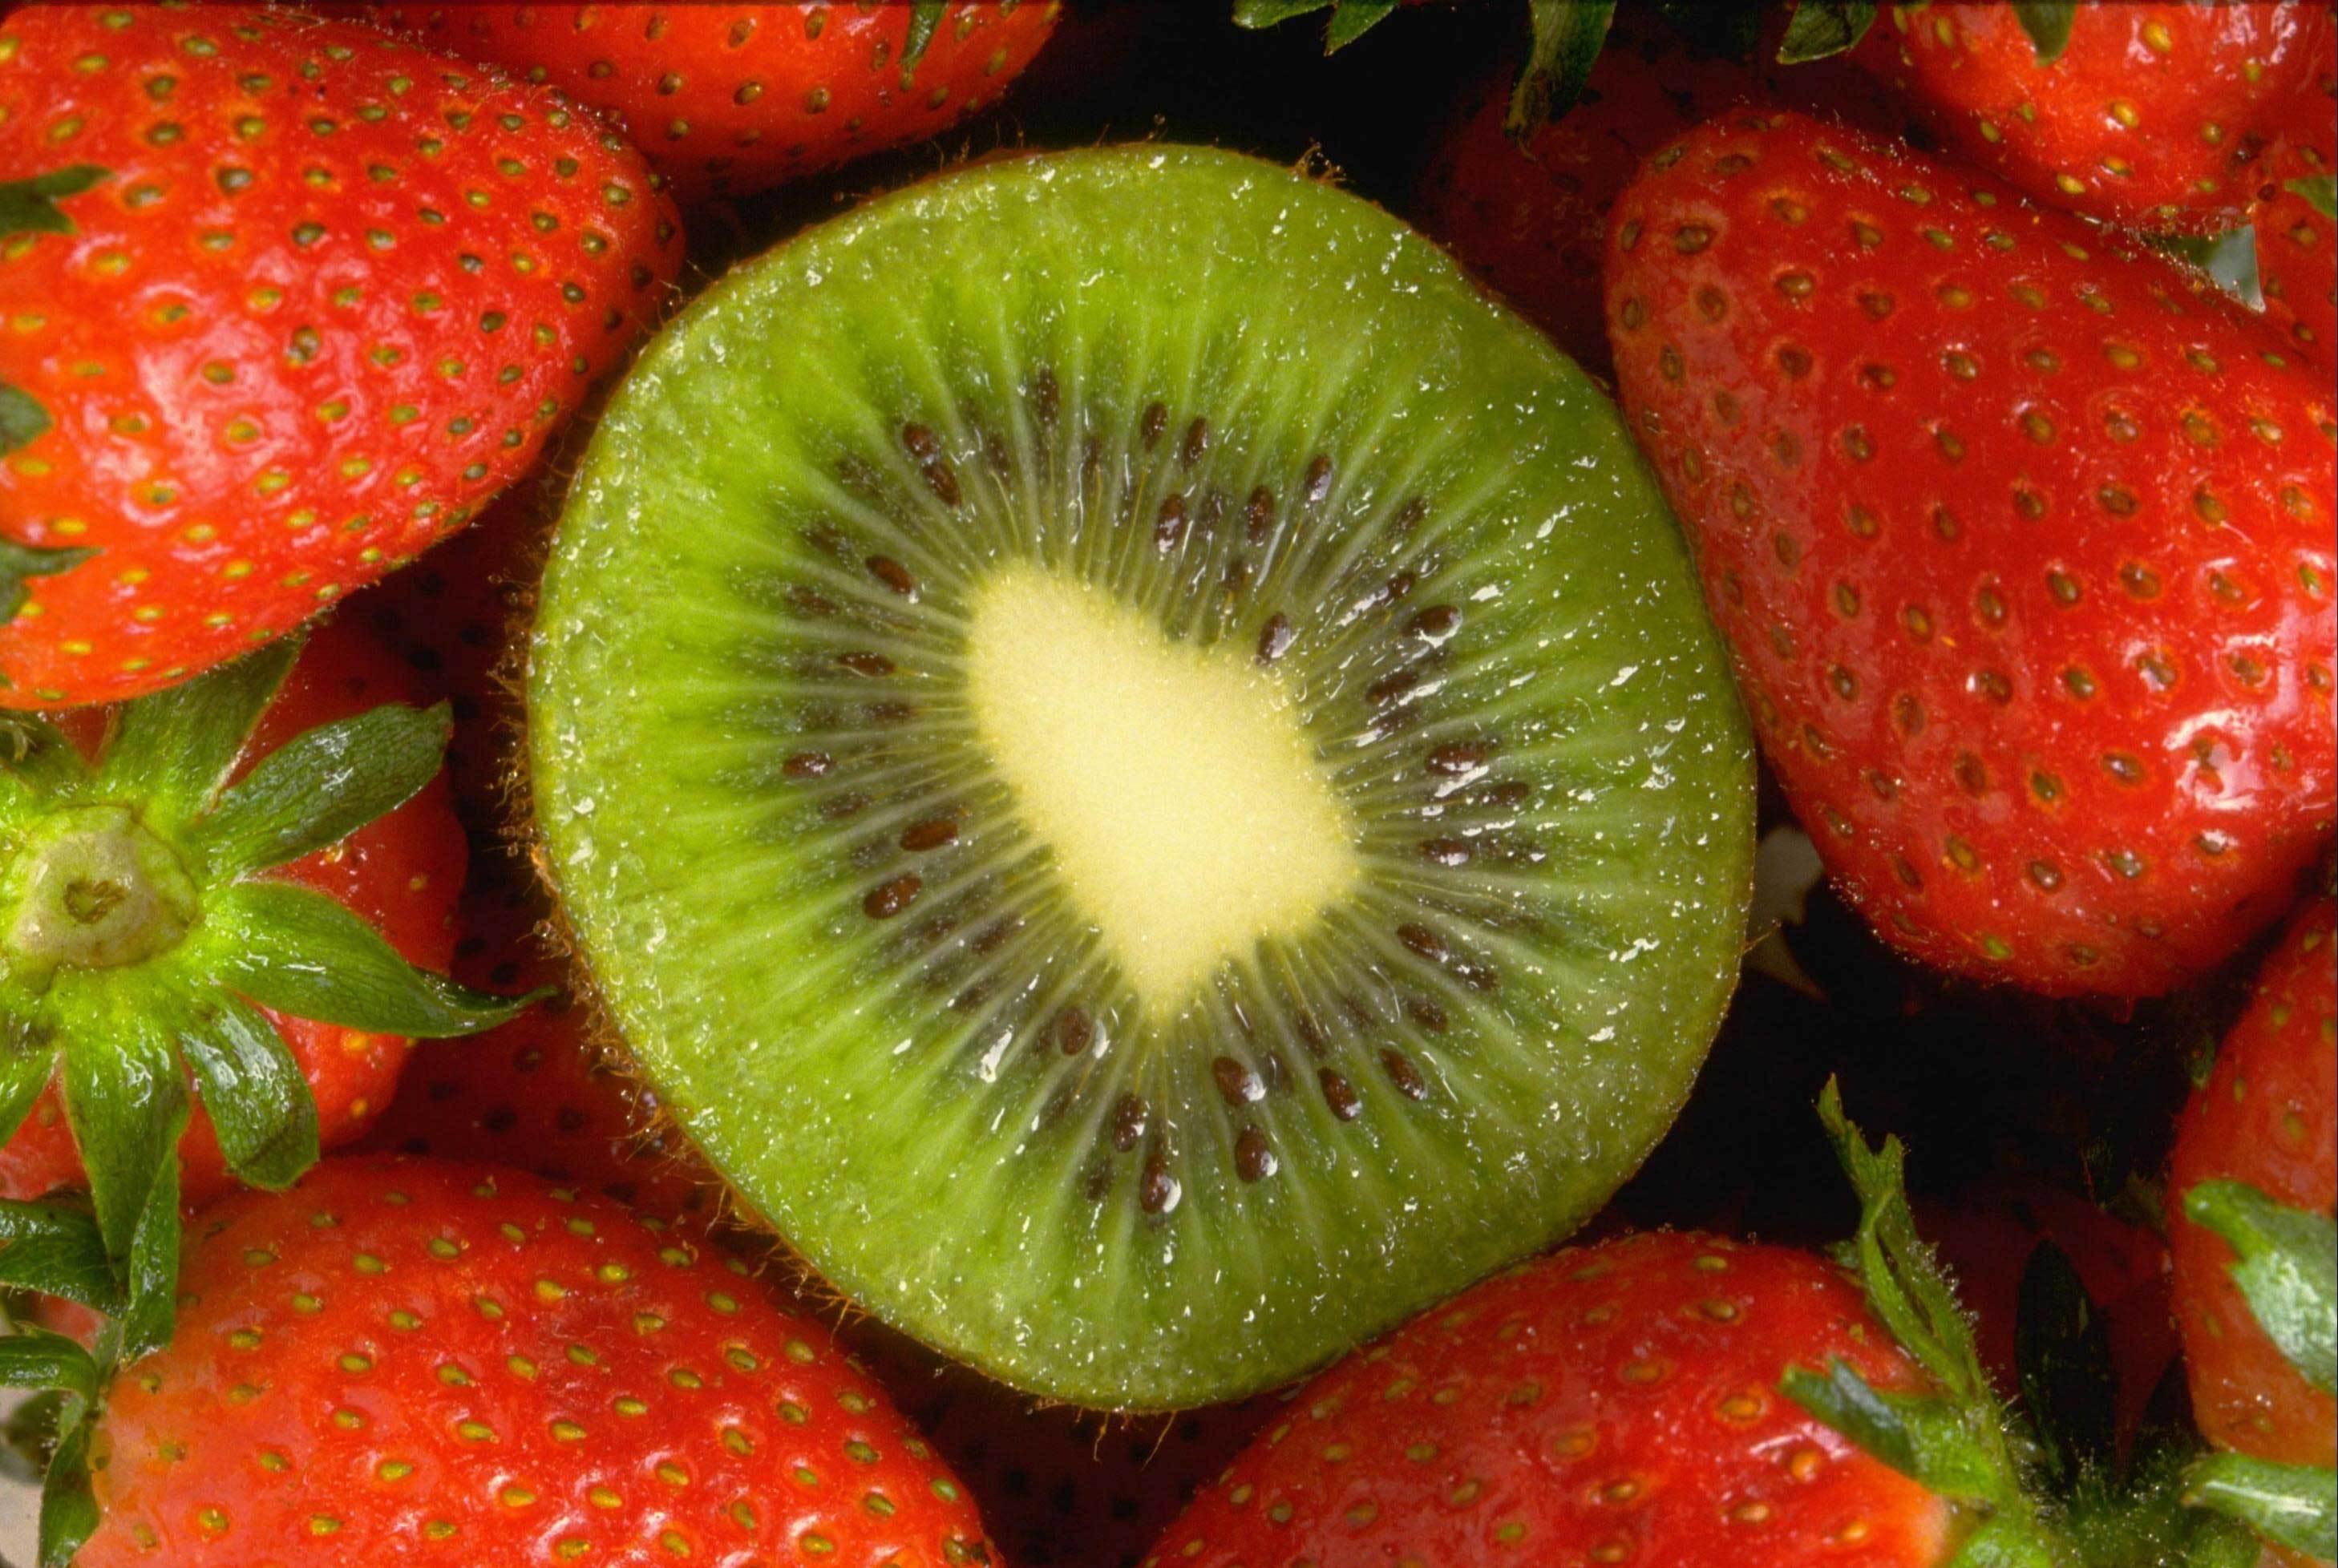 Картинка: Киви, клубника, садовая, виктория, фрукты, ягоды, лето, витамины